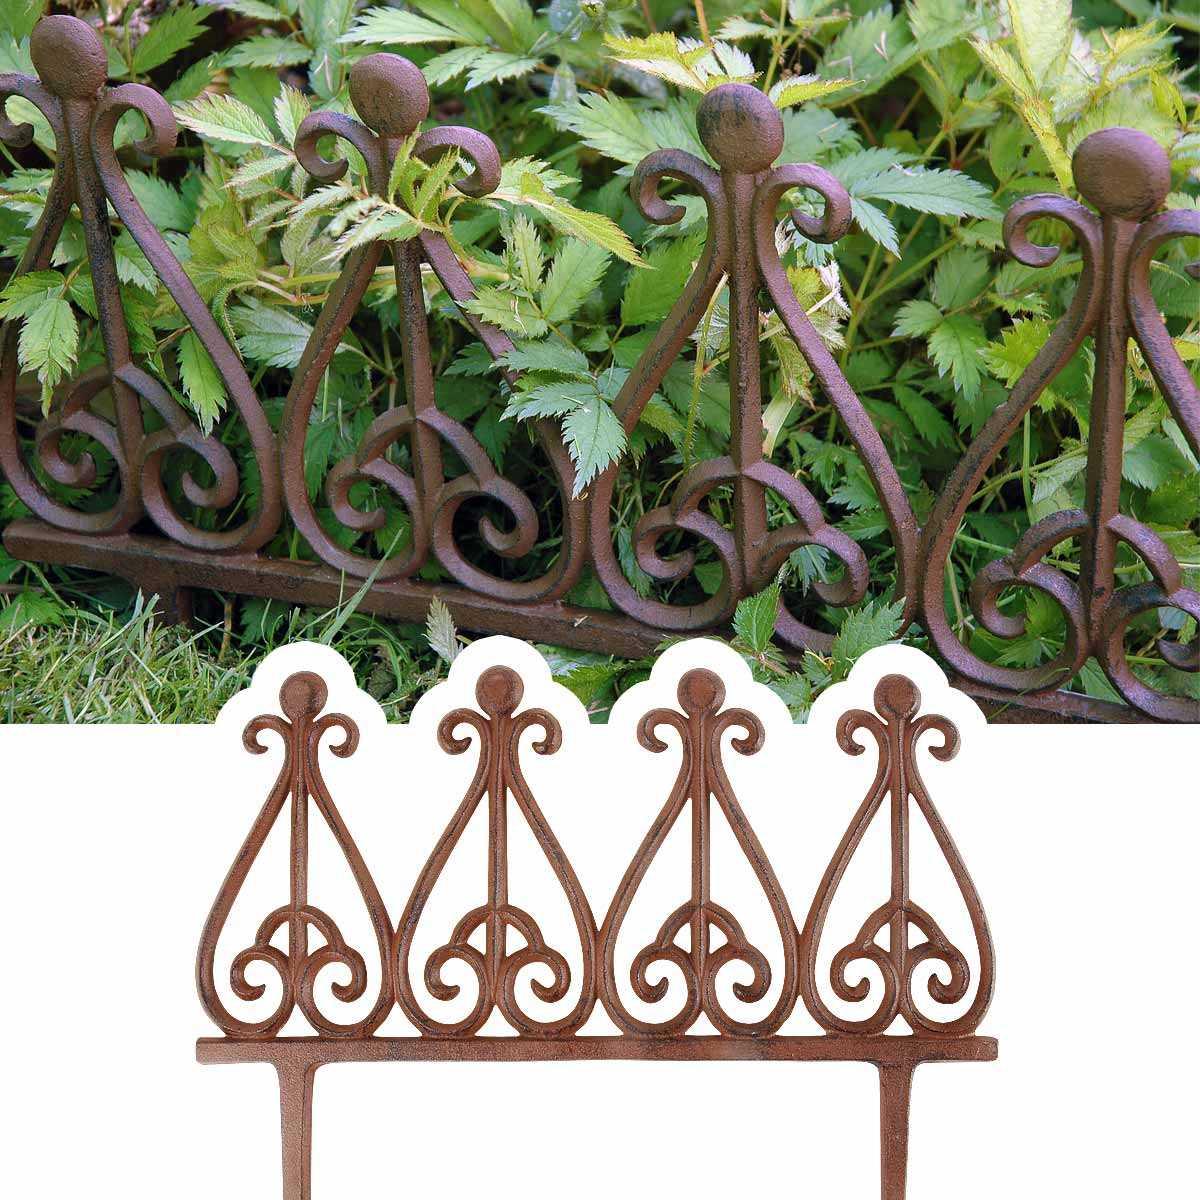 Bordure Métal Fonte Style Antique pour Bordure Jardin Metal